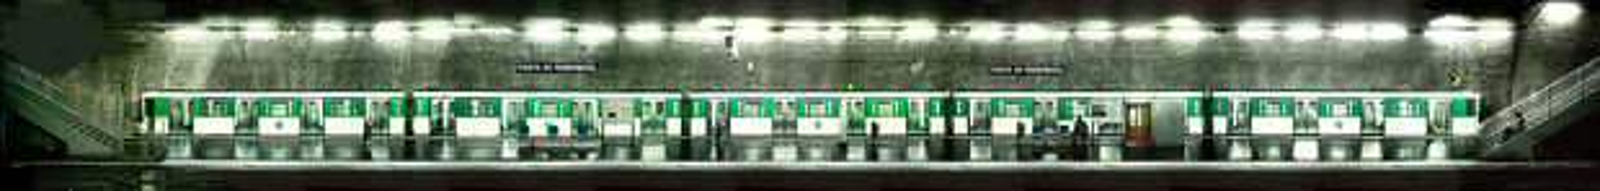 Porte de Montreuil, Line #9 - Larry Yust